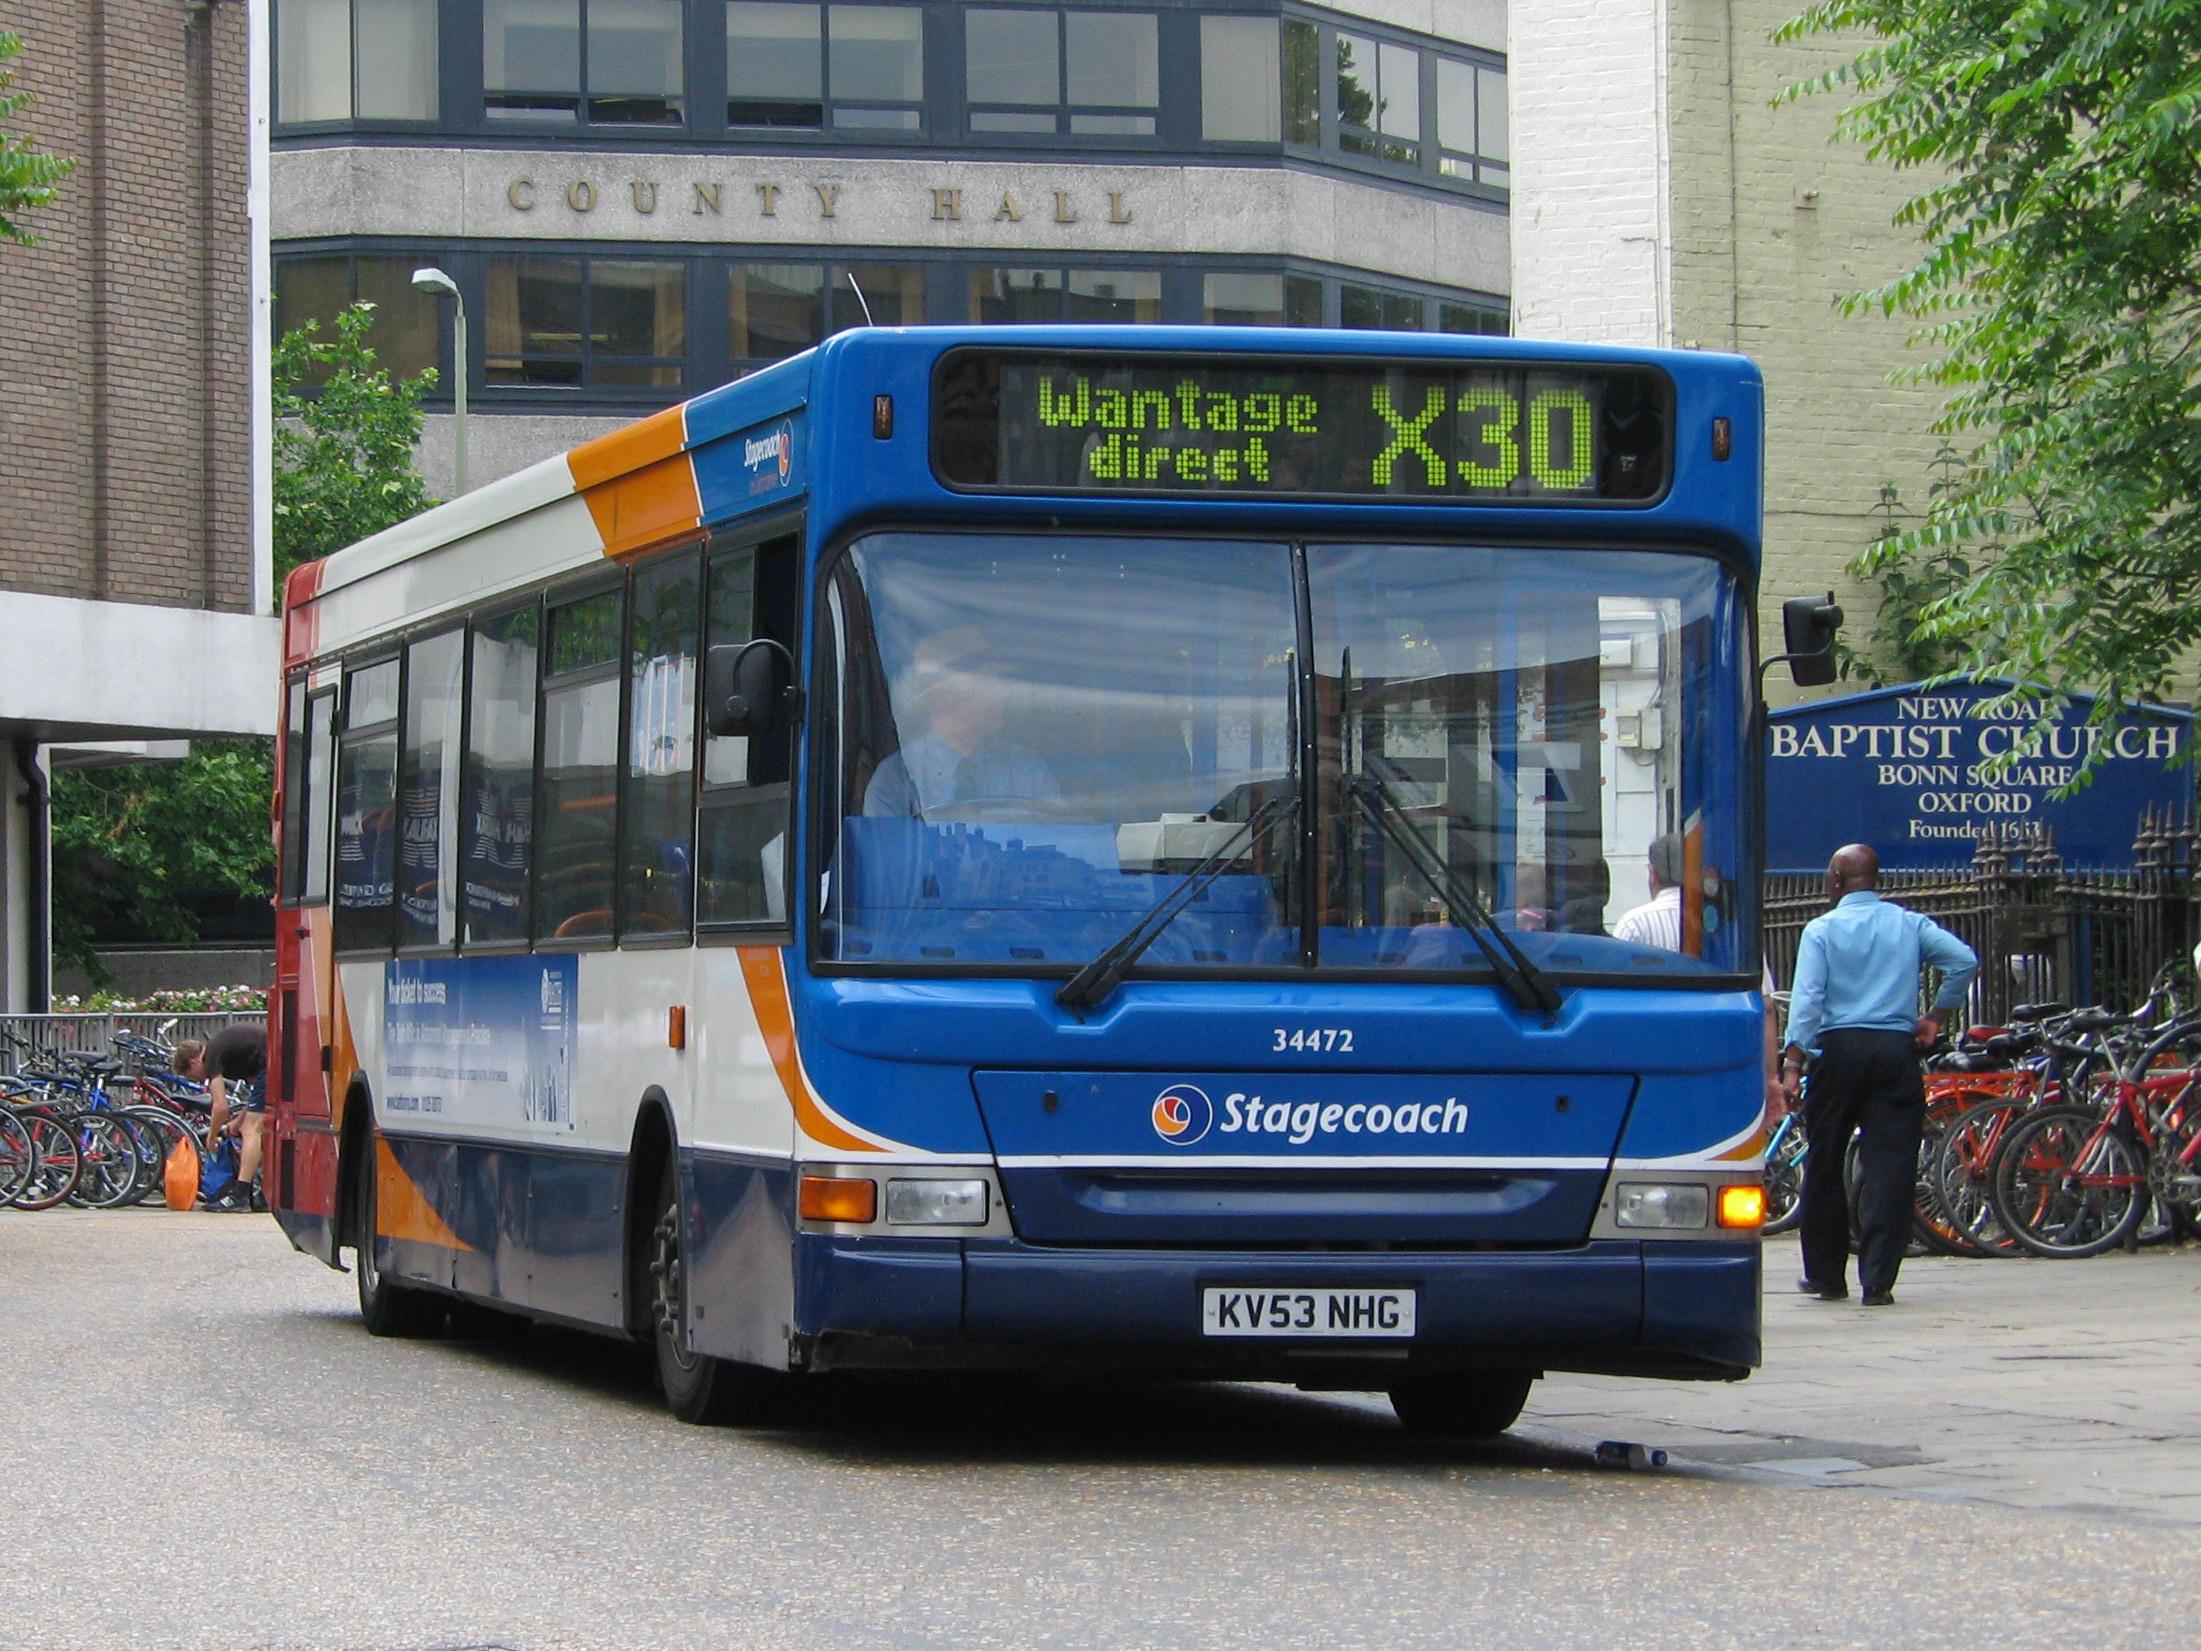 File:Bus img 2551 (16171458400).jpg